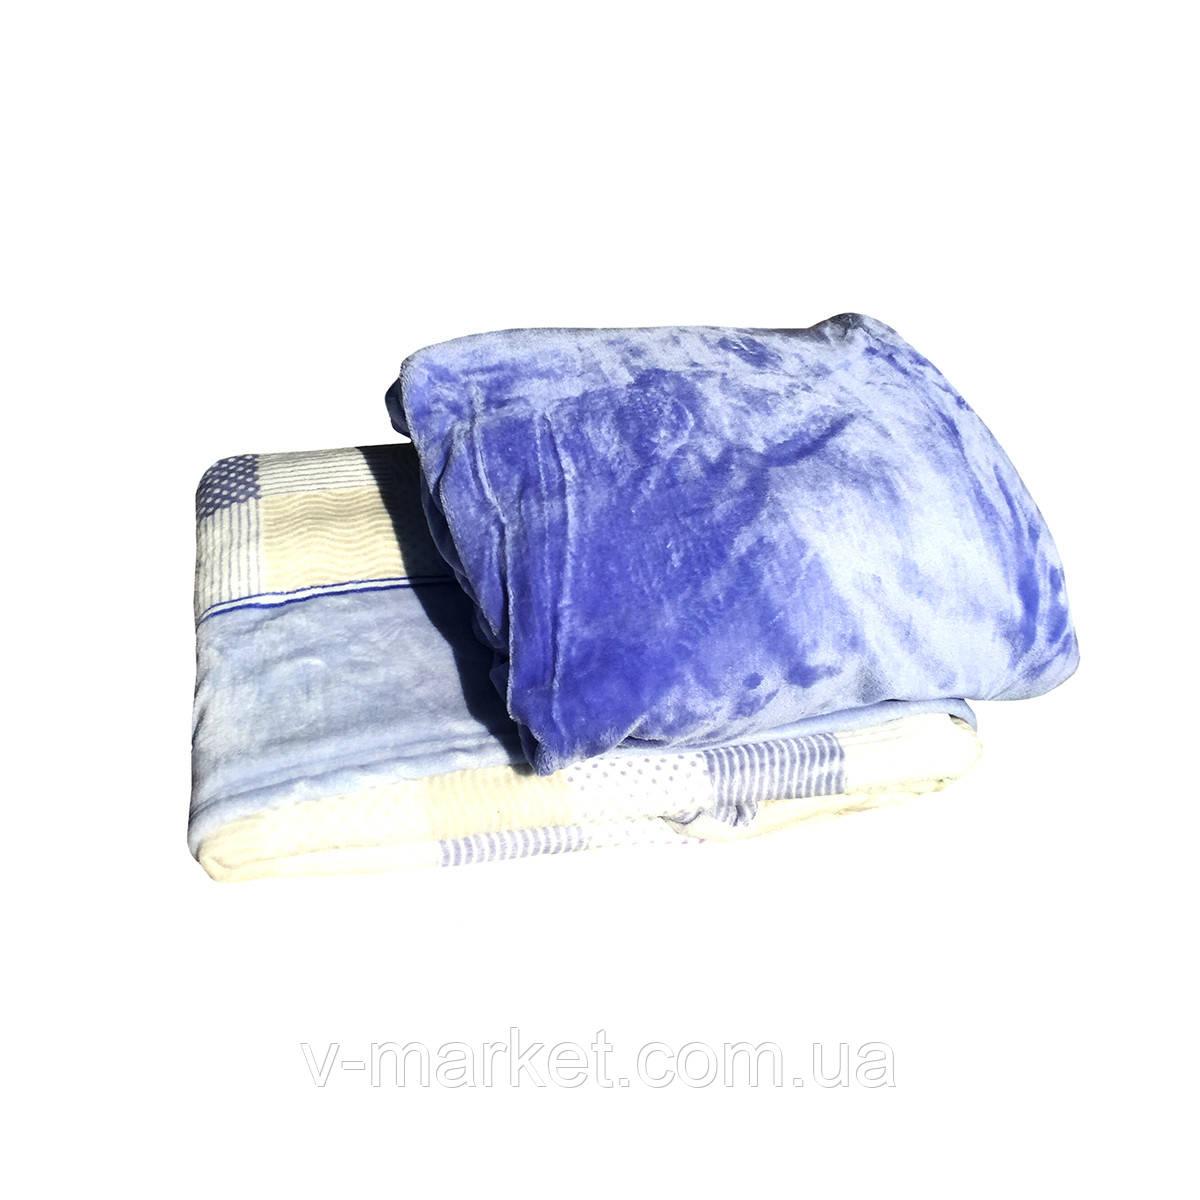 Набор простынь на резинке (105/200 см) с пледом (180/260 см), ткань микрофибра